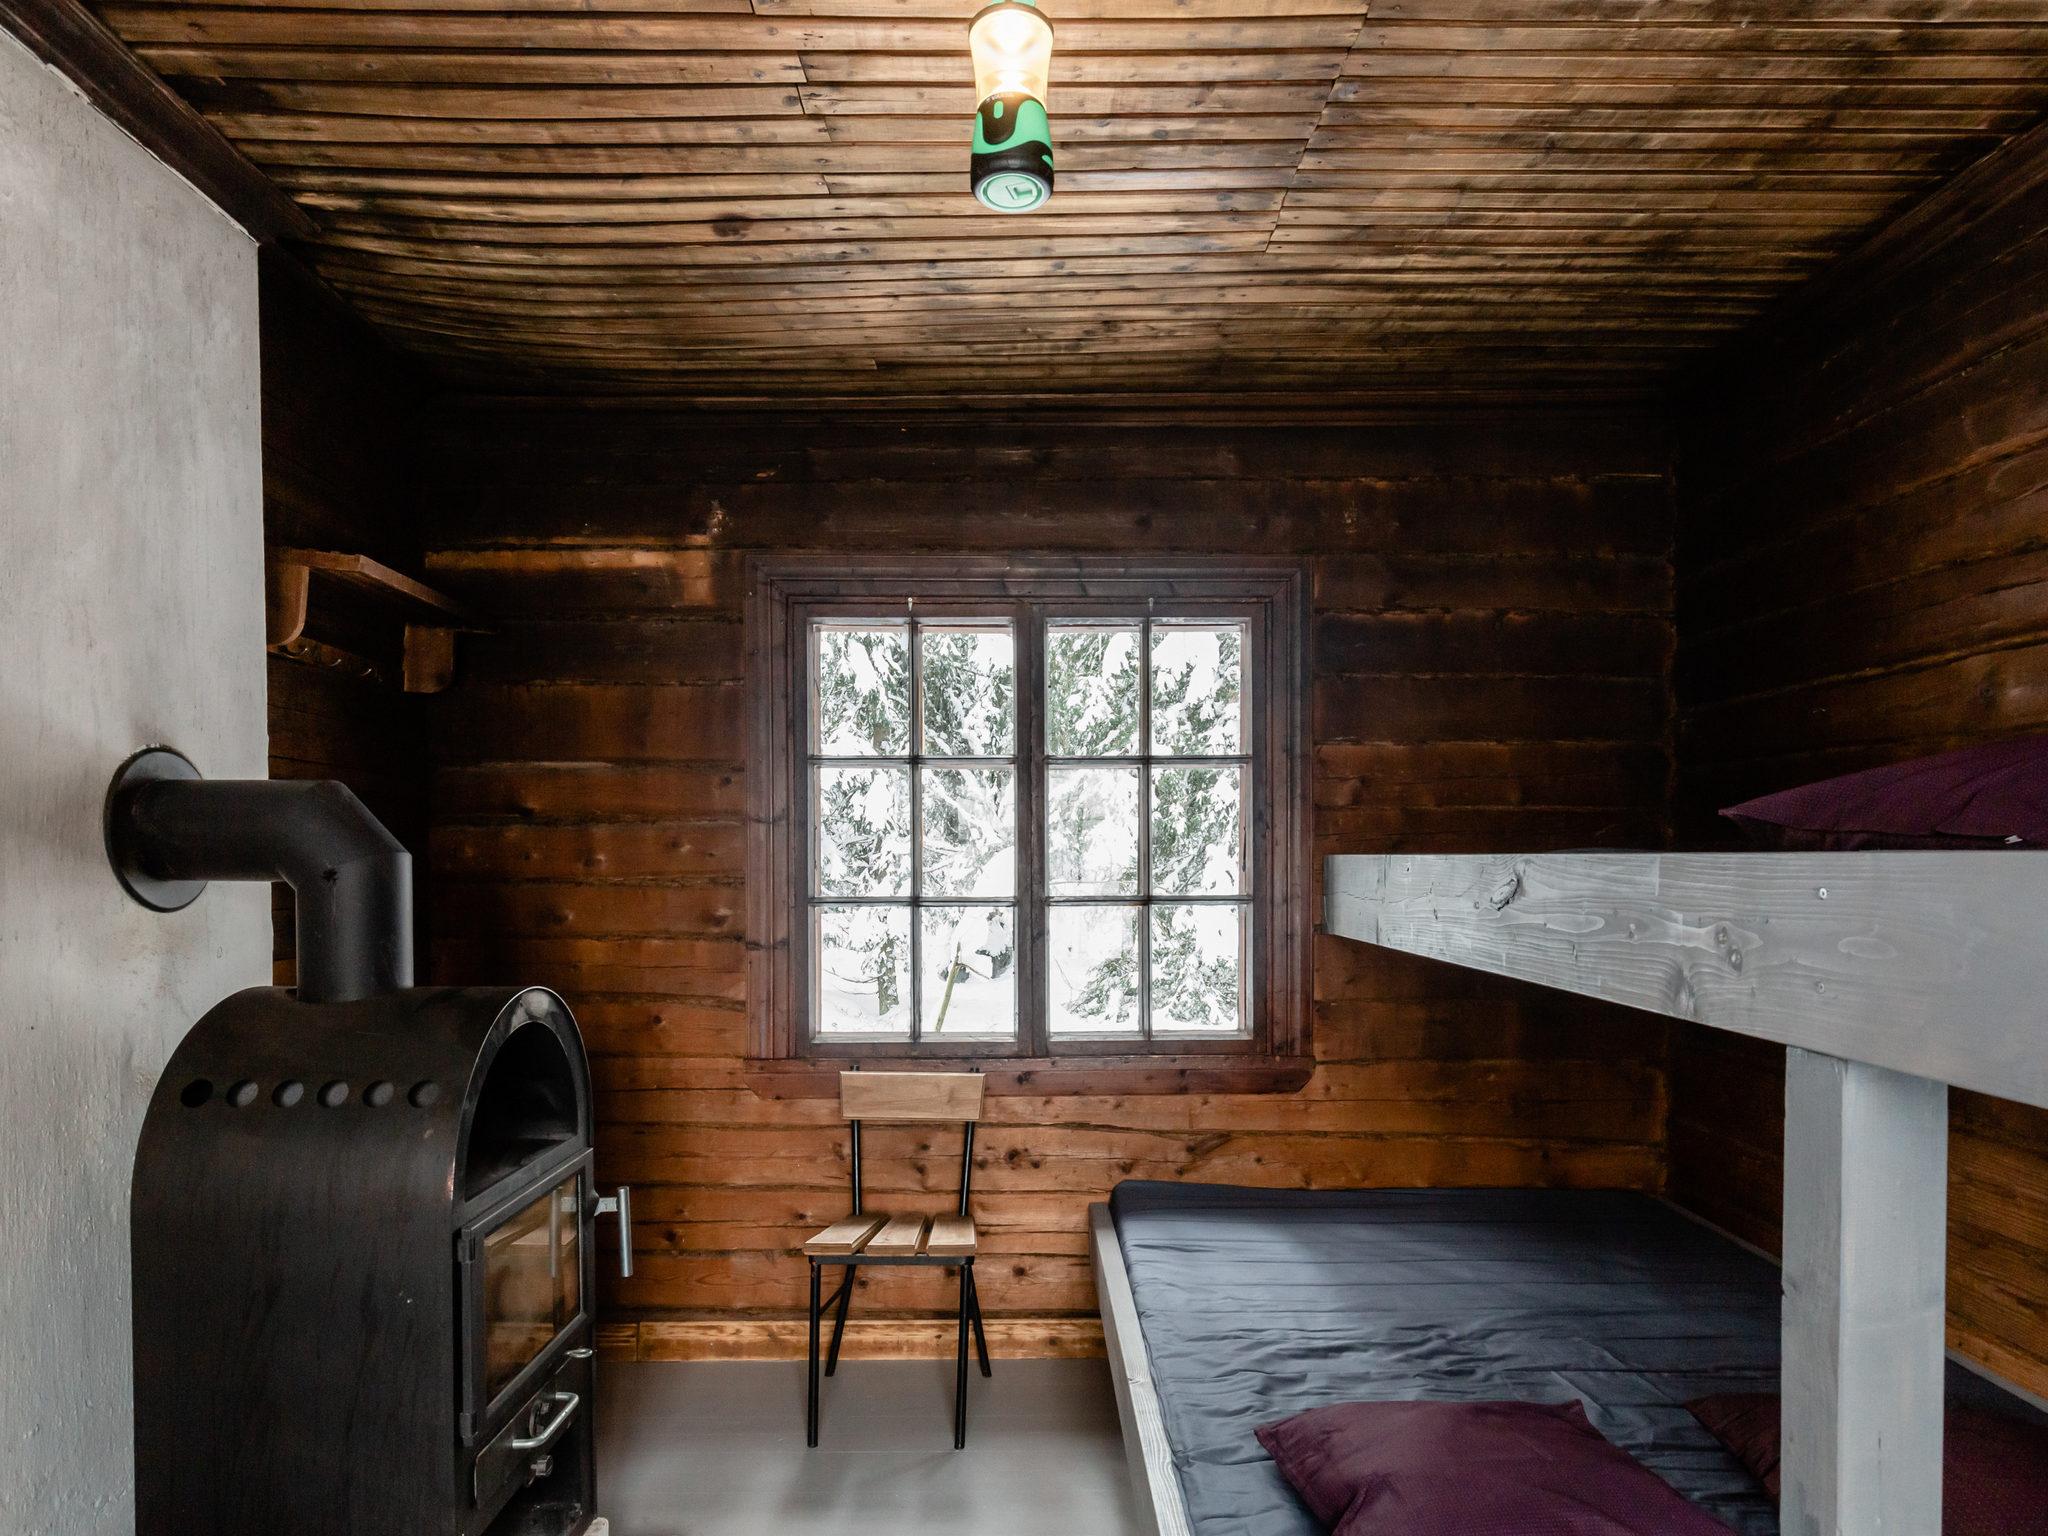 Tikankolon eräkämppä - Aito eräkämppä keskellä Nuuksion kansallispuistoa! Oma sauna, oma tulipaikka ja makuupaikat 6 hengelle!